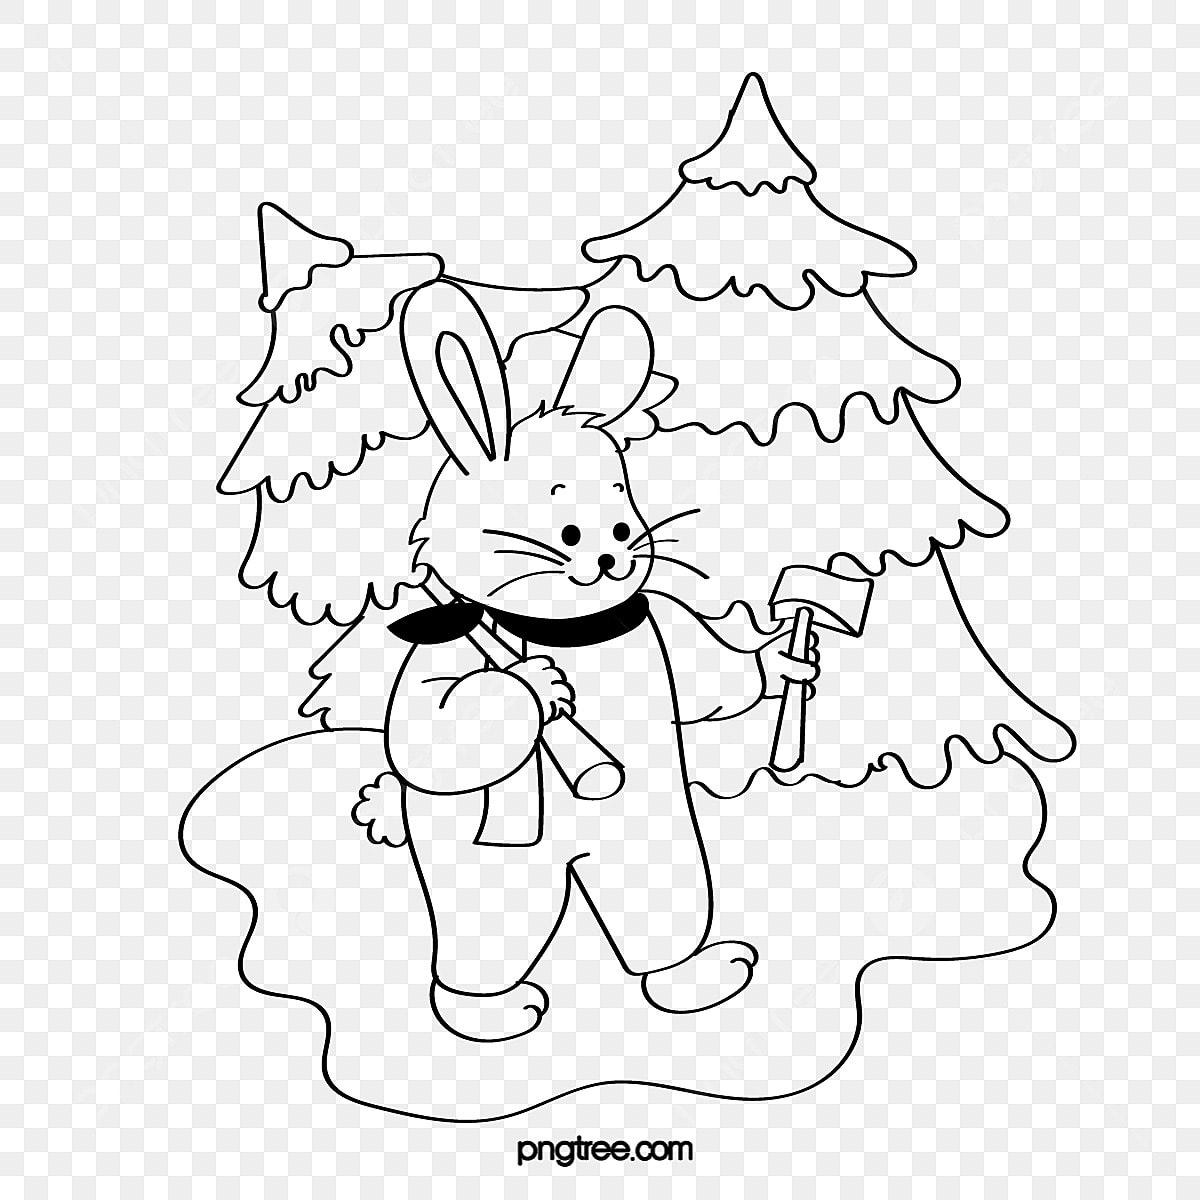 Coelho Para Colorir Desenhos Natal No Dia De Natal Para Colorir